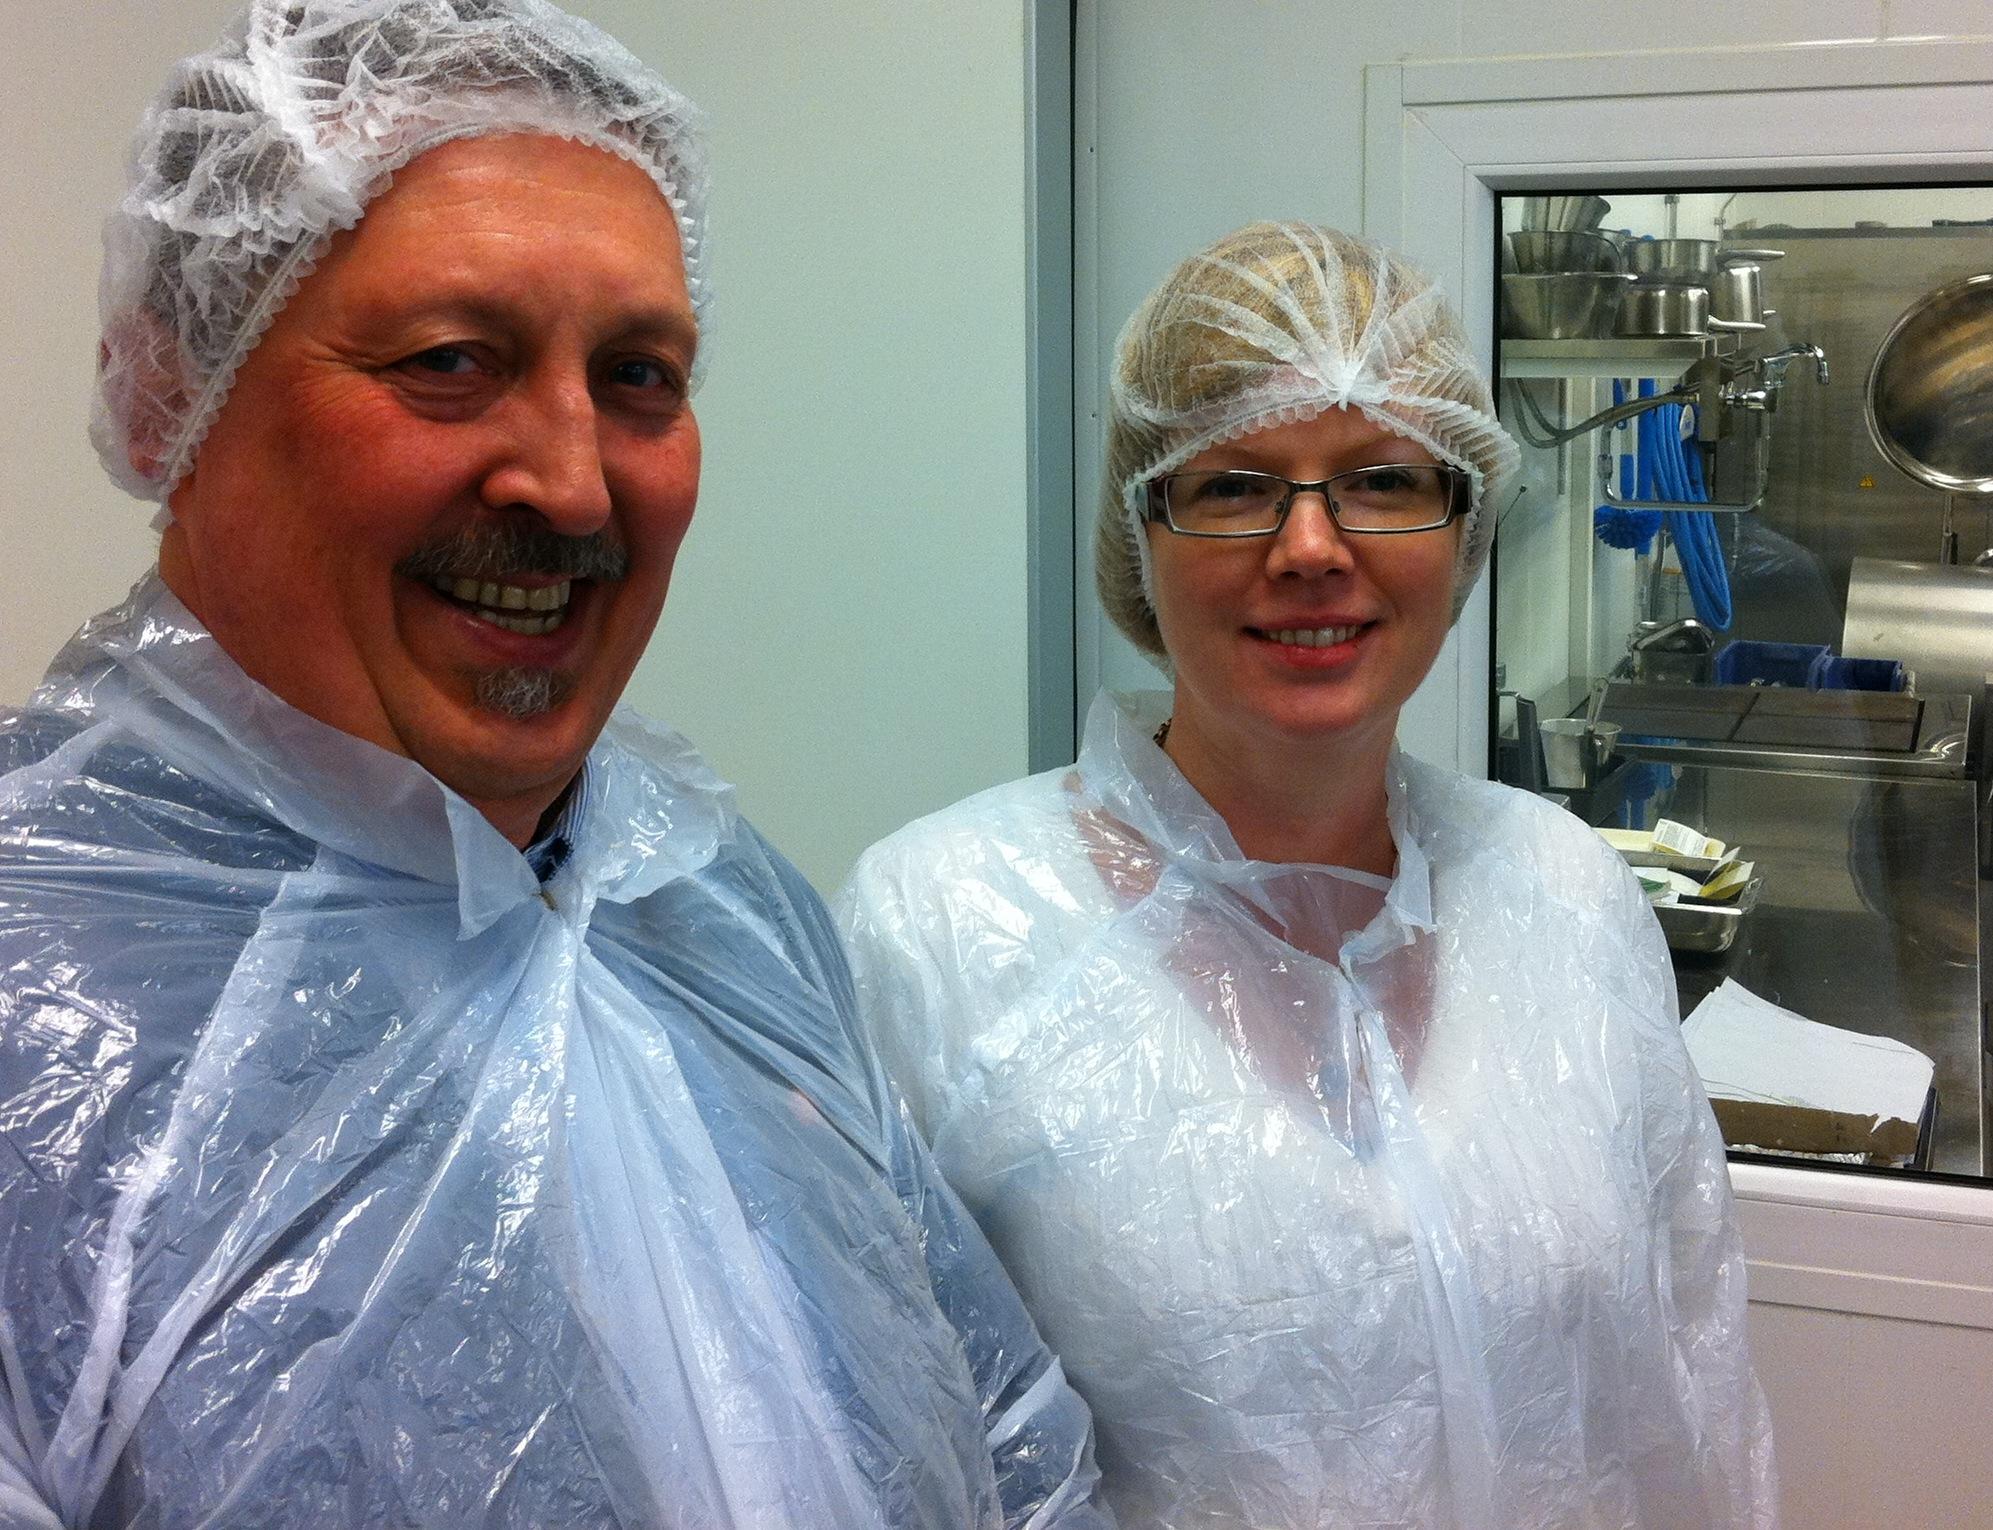 Tillsammans med Michael Signäs, chef på Medirest, i funktionell, men inte särskilt vacker, utstyrsel.